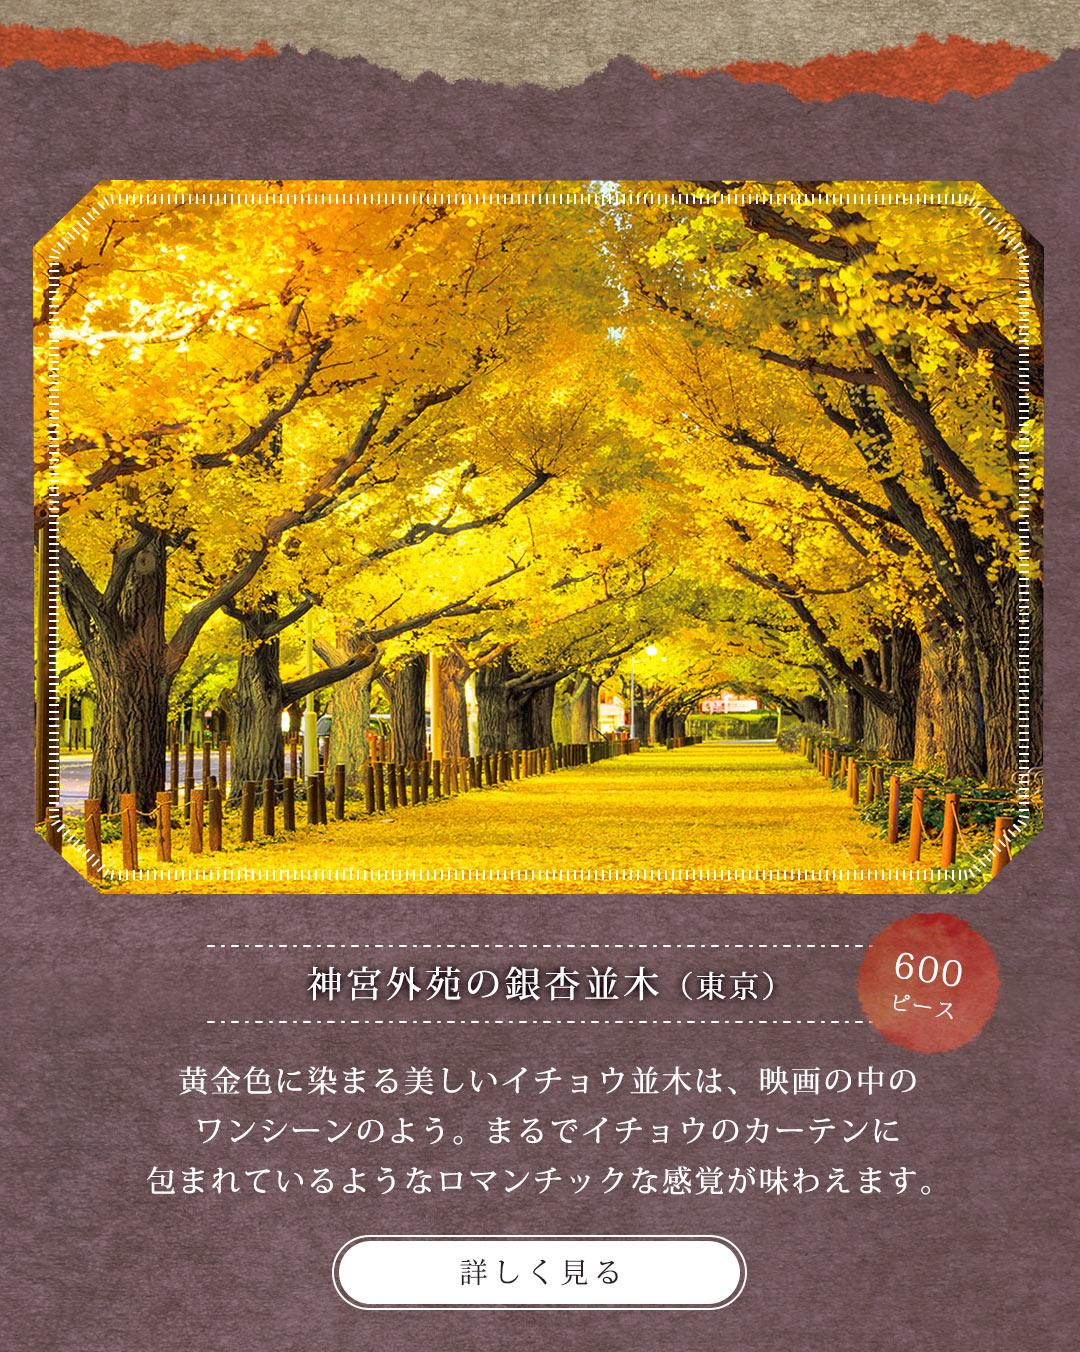 風景 神宮外苑の銀杏並木 600ピース